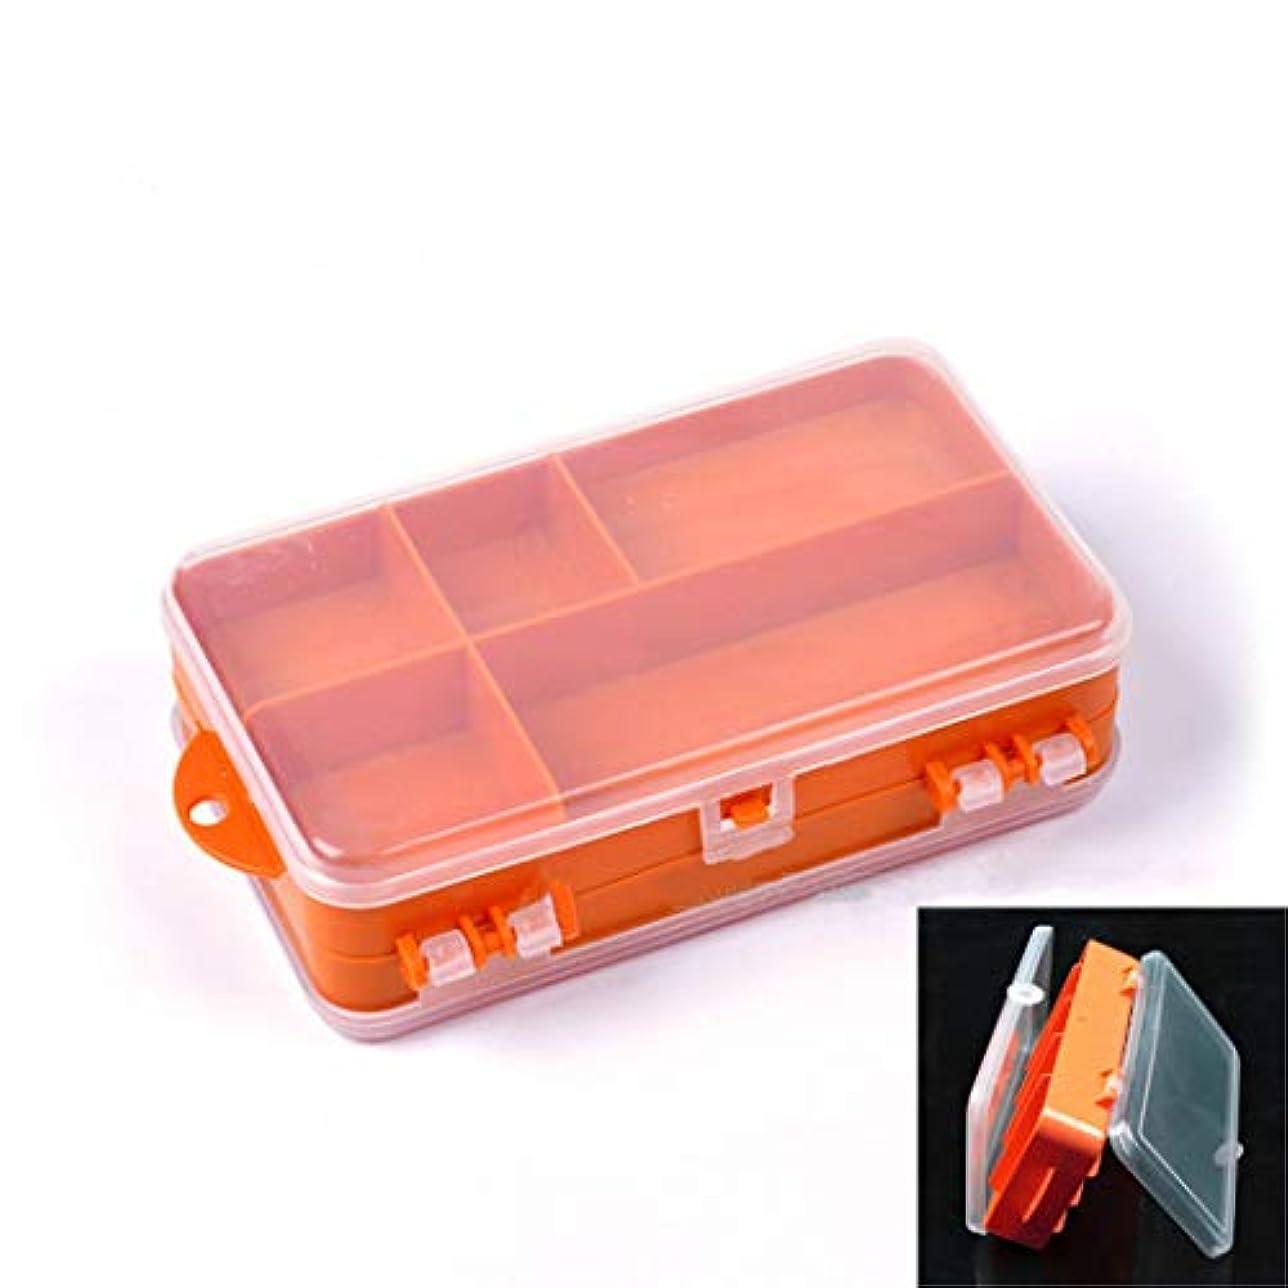 で出来ているゲージブラケットToasis 両面プラスチックボックス 釣りルアーストレージコンテナオーガナイザー 小さな釣りタックルボックス 9コンパートメント 6種類のサイズ展開